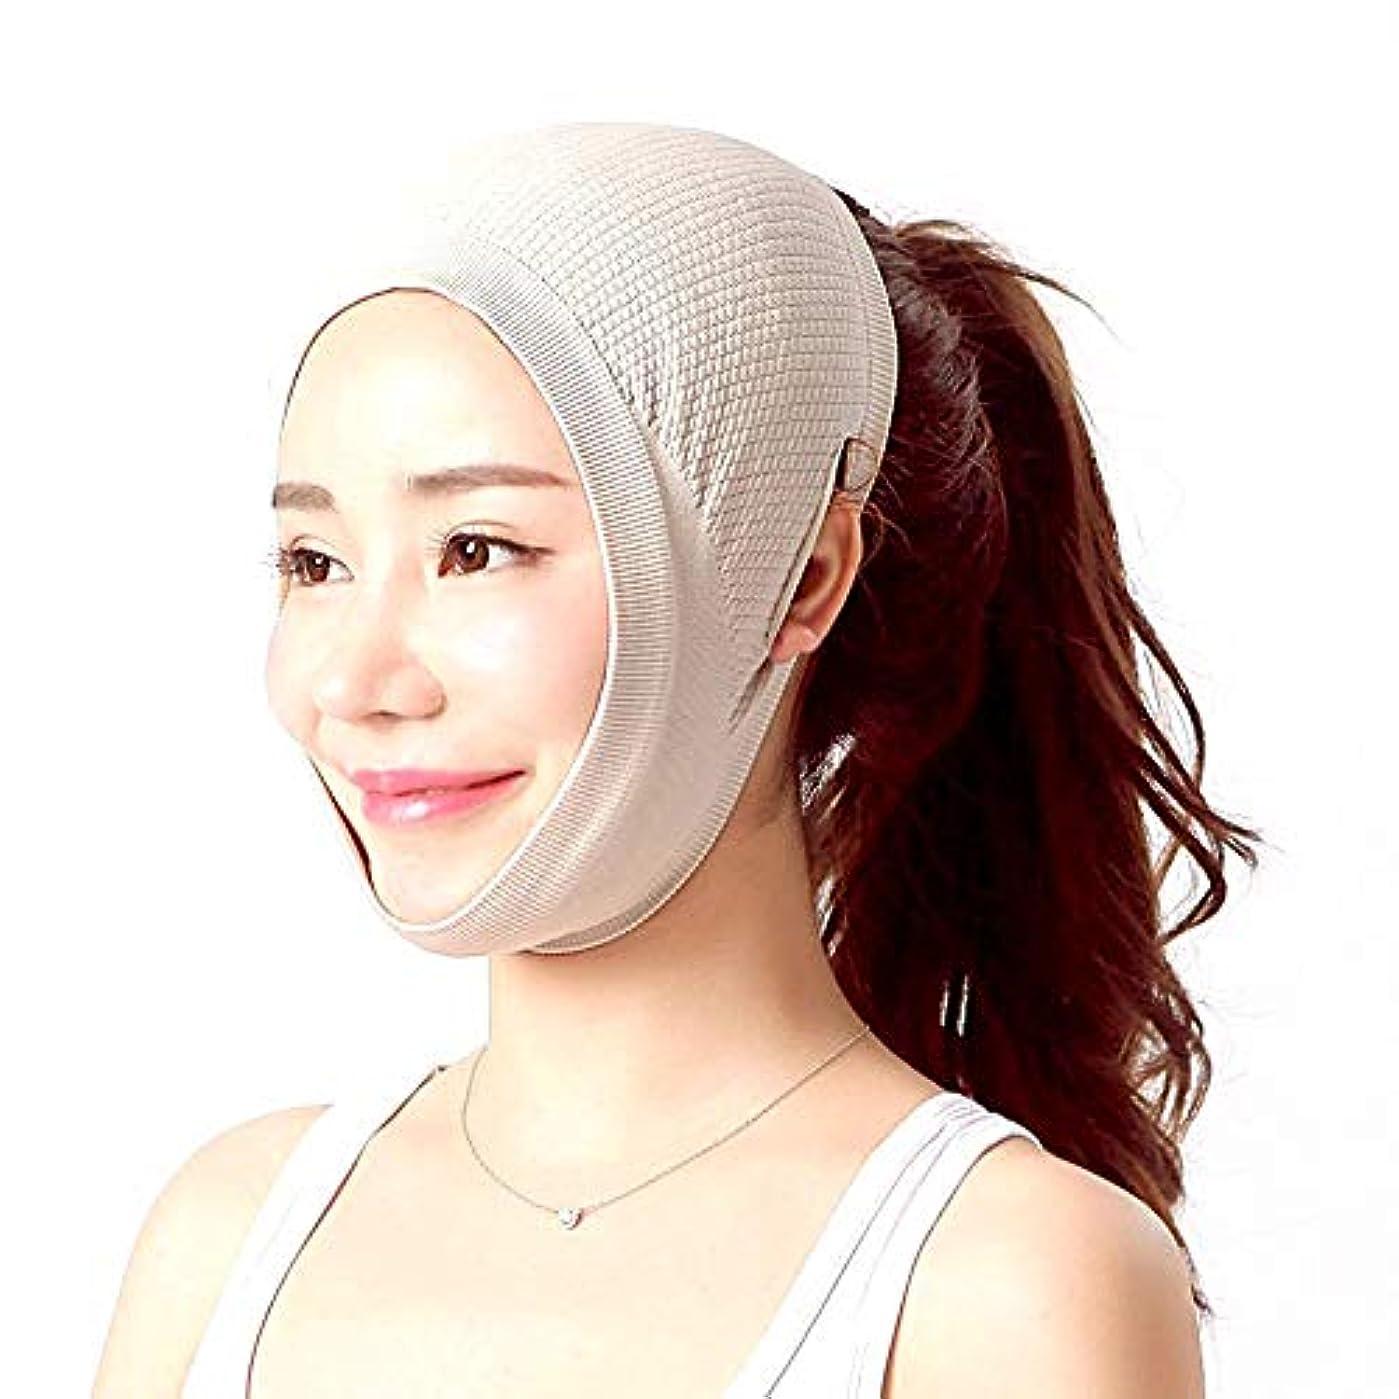 スクランブル夜明け反論Jia Jia- フェイスリフティングアーティファクト包帯ライン術後回復包帯リフティングフェイスフードVフェイス包帯リフティングVフェイス美容マスク - 肌のトーン 顔面包帯